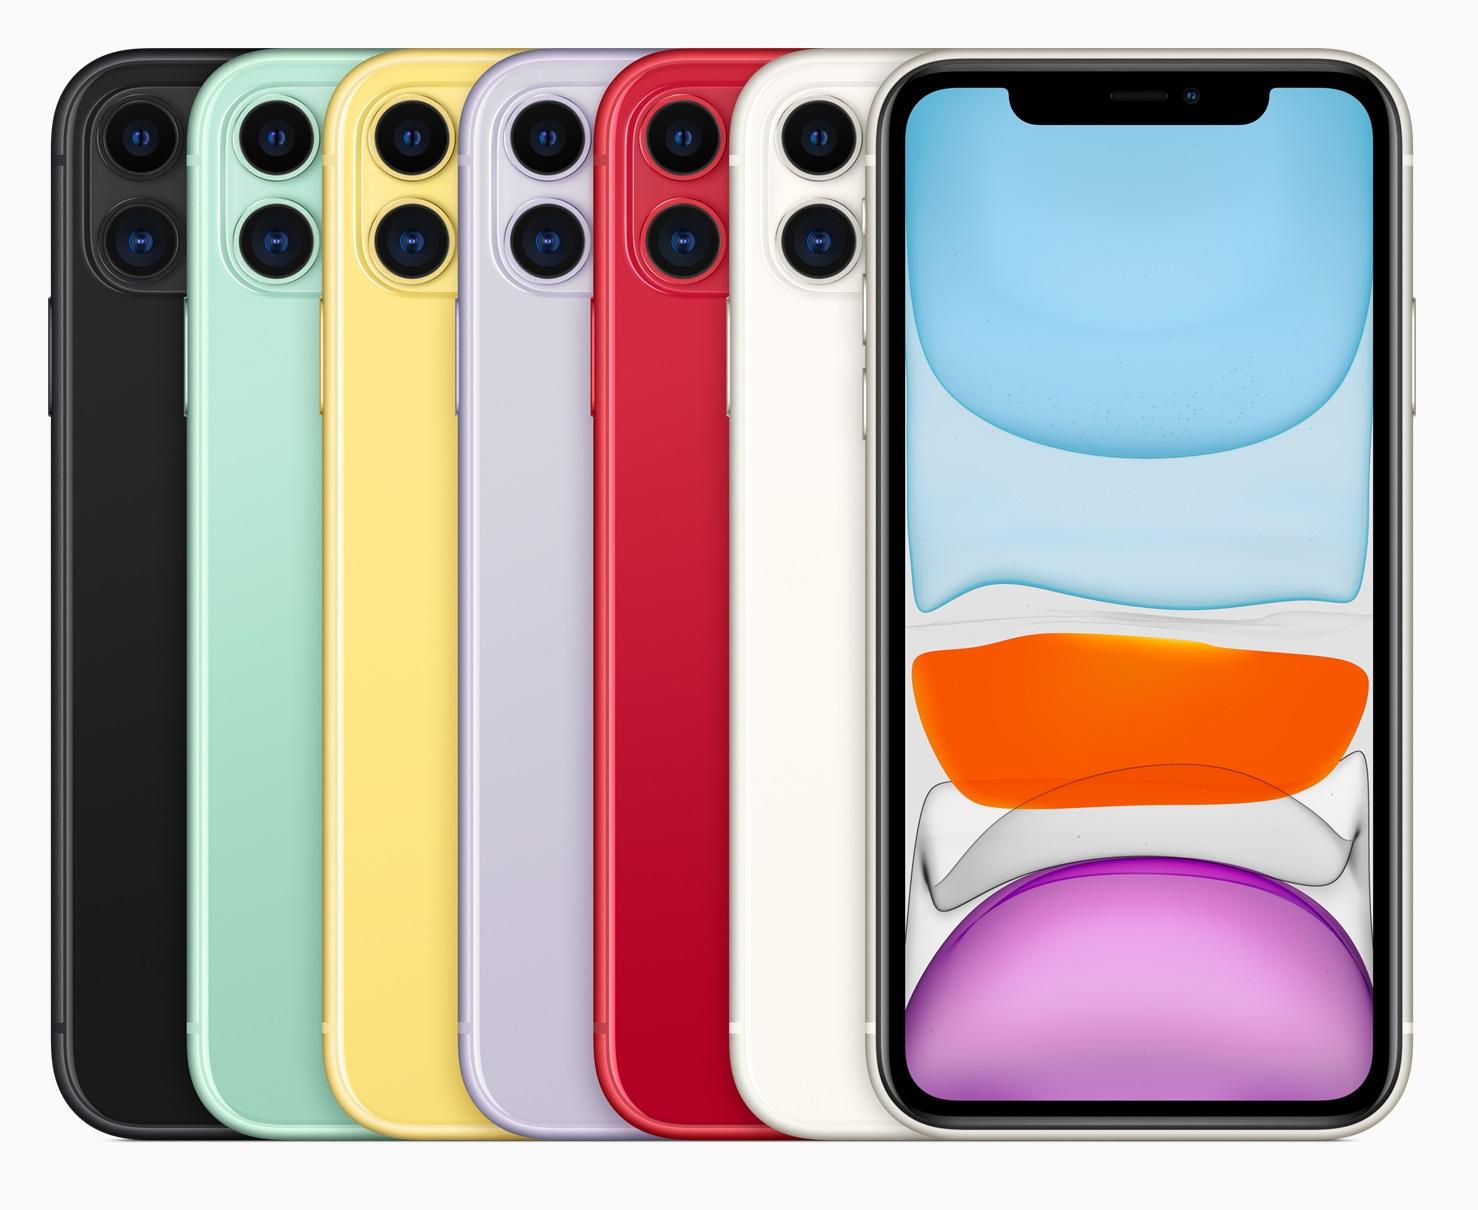 Apple iPhone 11 (64GB) für 79€ Zuzahlung und mtl. 34,99€ im Klarmobil Allnet Flat Tarif (8GB LTE) im Vodafone-Netz